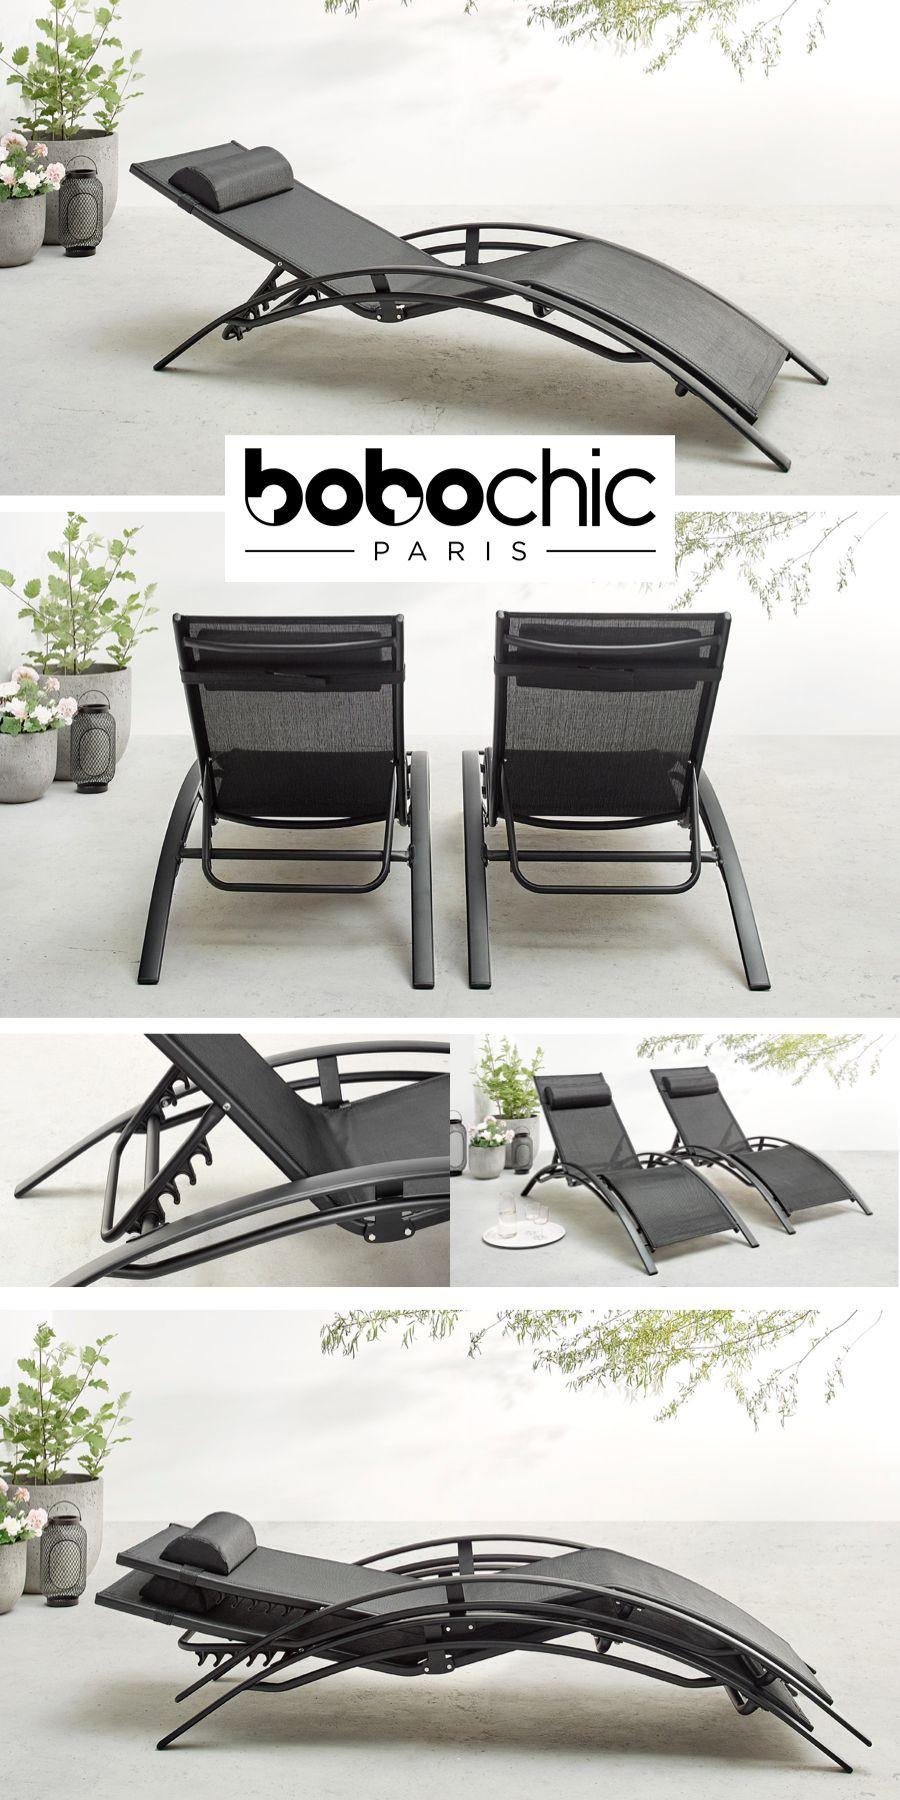 duo de chaises longue transat métalique avec tissu ...